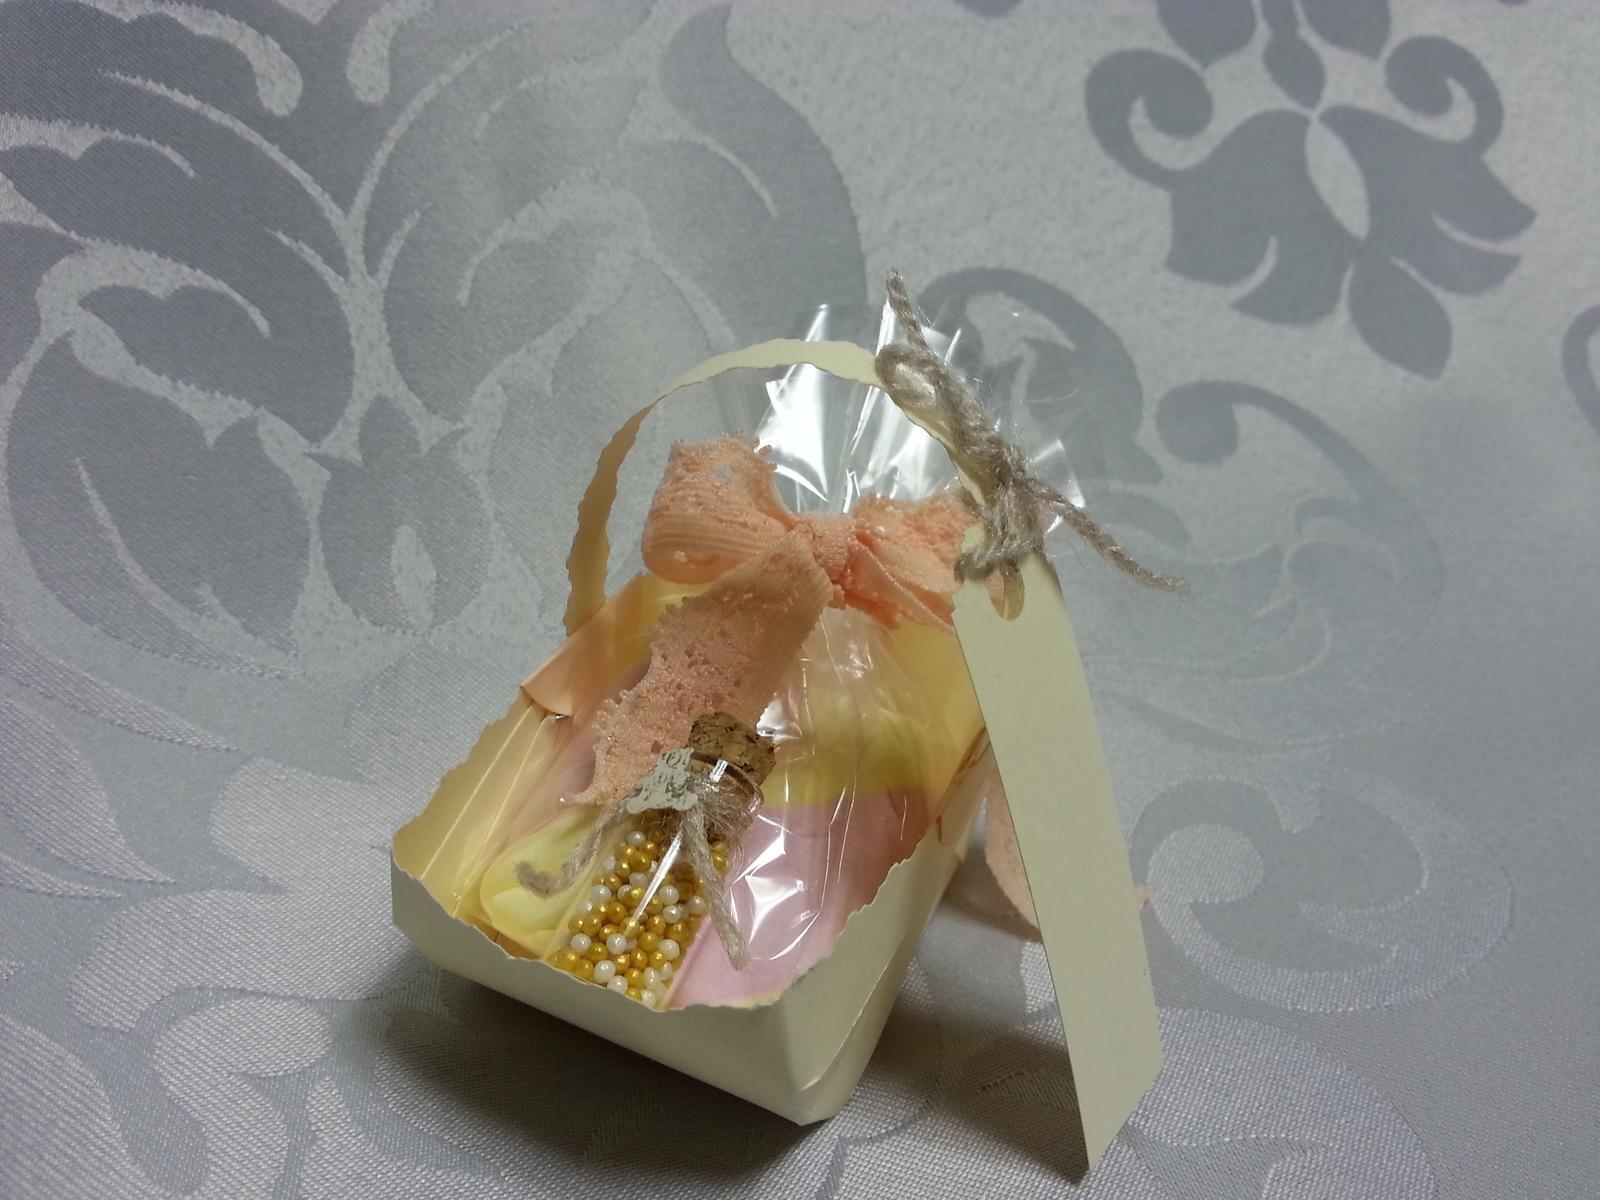 Naša Handmade :) - Košíčky ako poďakovanie hosťom. Takisto vlastnoručná výroba. Budú v nich čokoládky a v malej flaštičke zázračný piesok :)